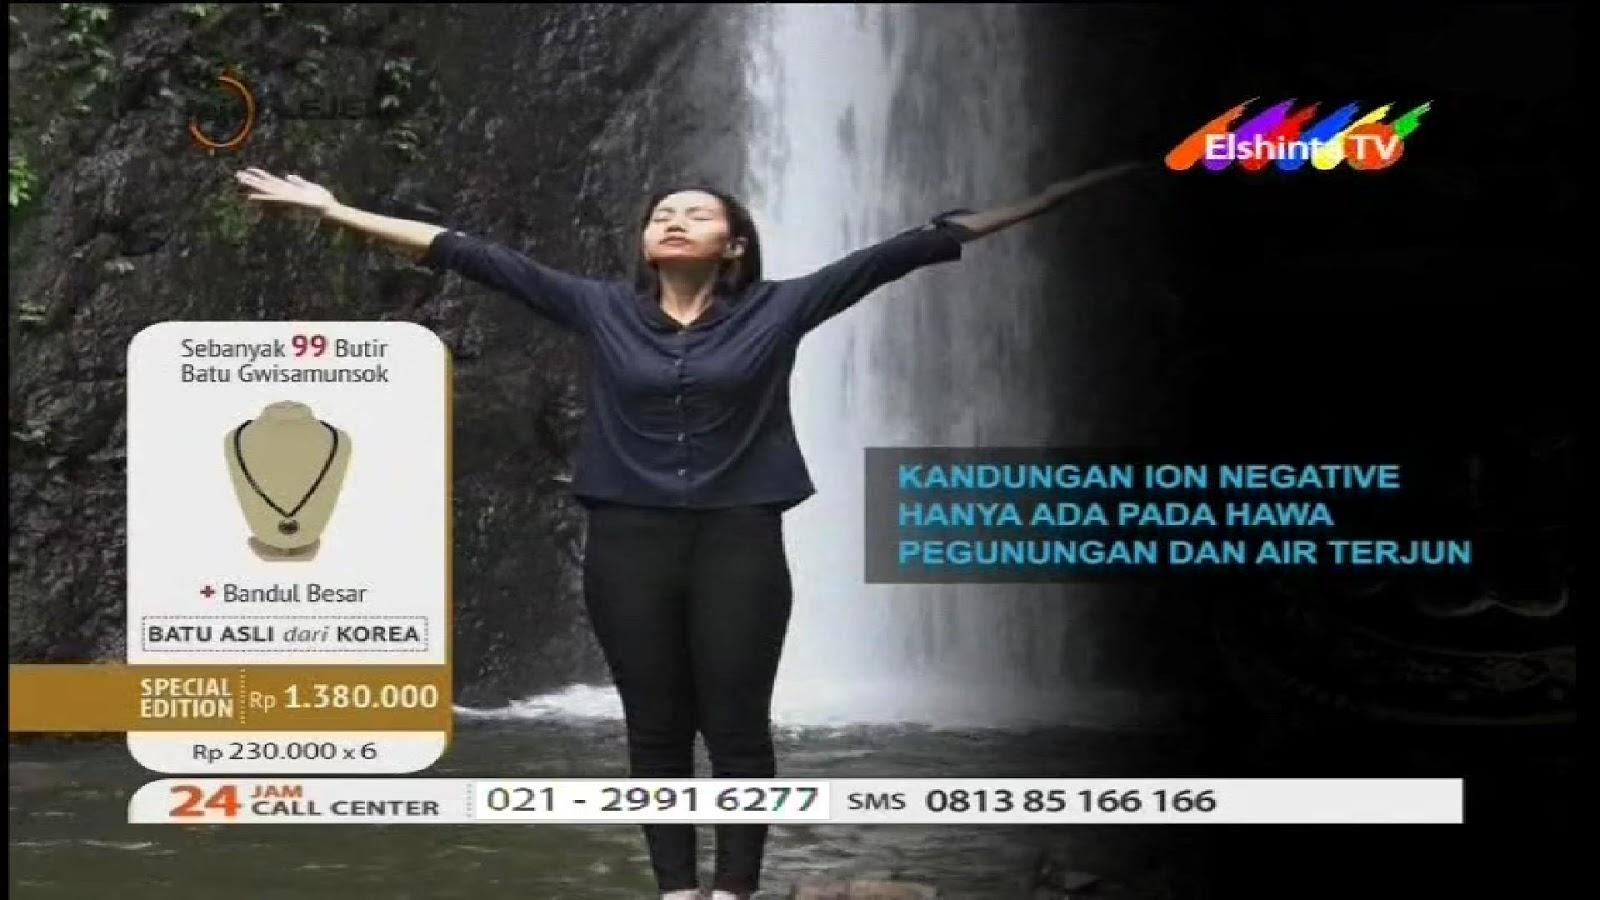 Frekuensi siaran Elshinta TV di satelit ChinaSat 11 Terbaru